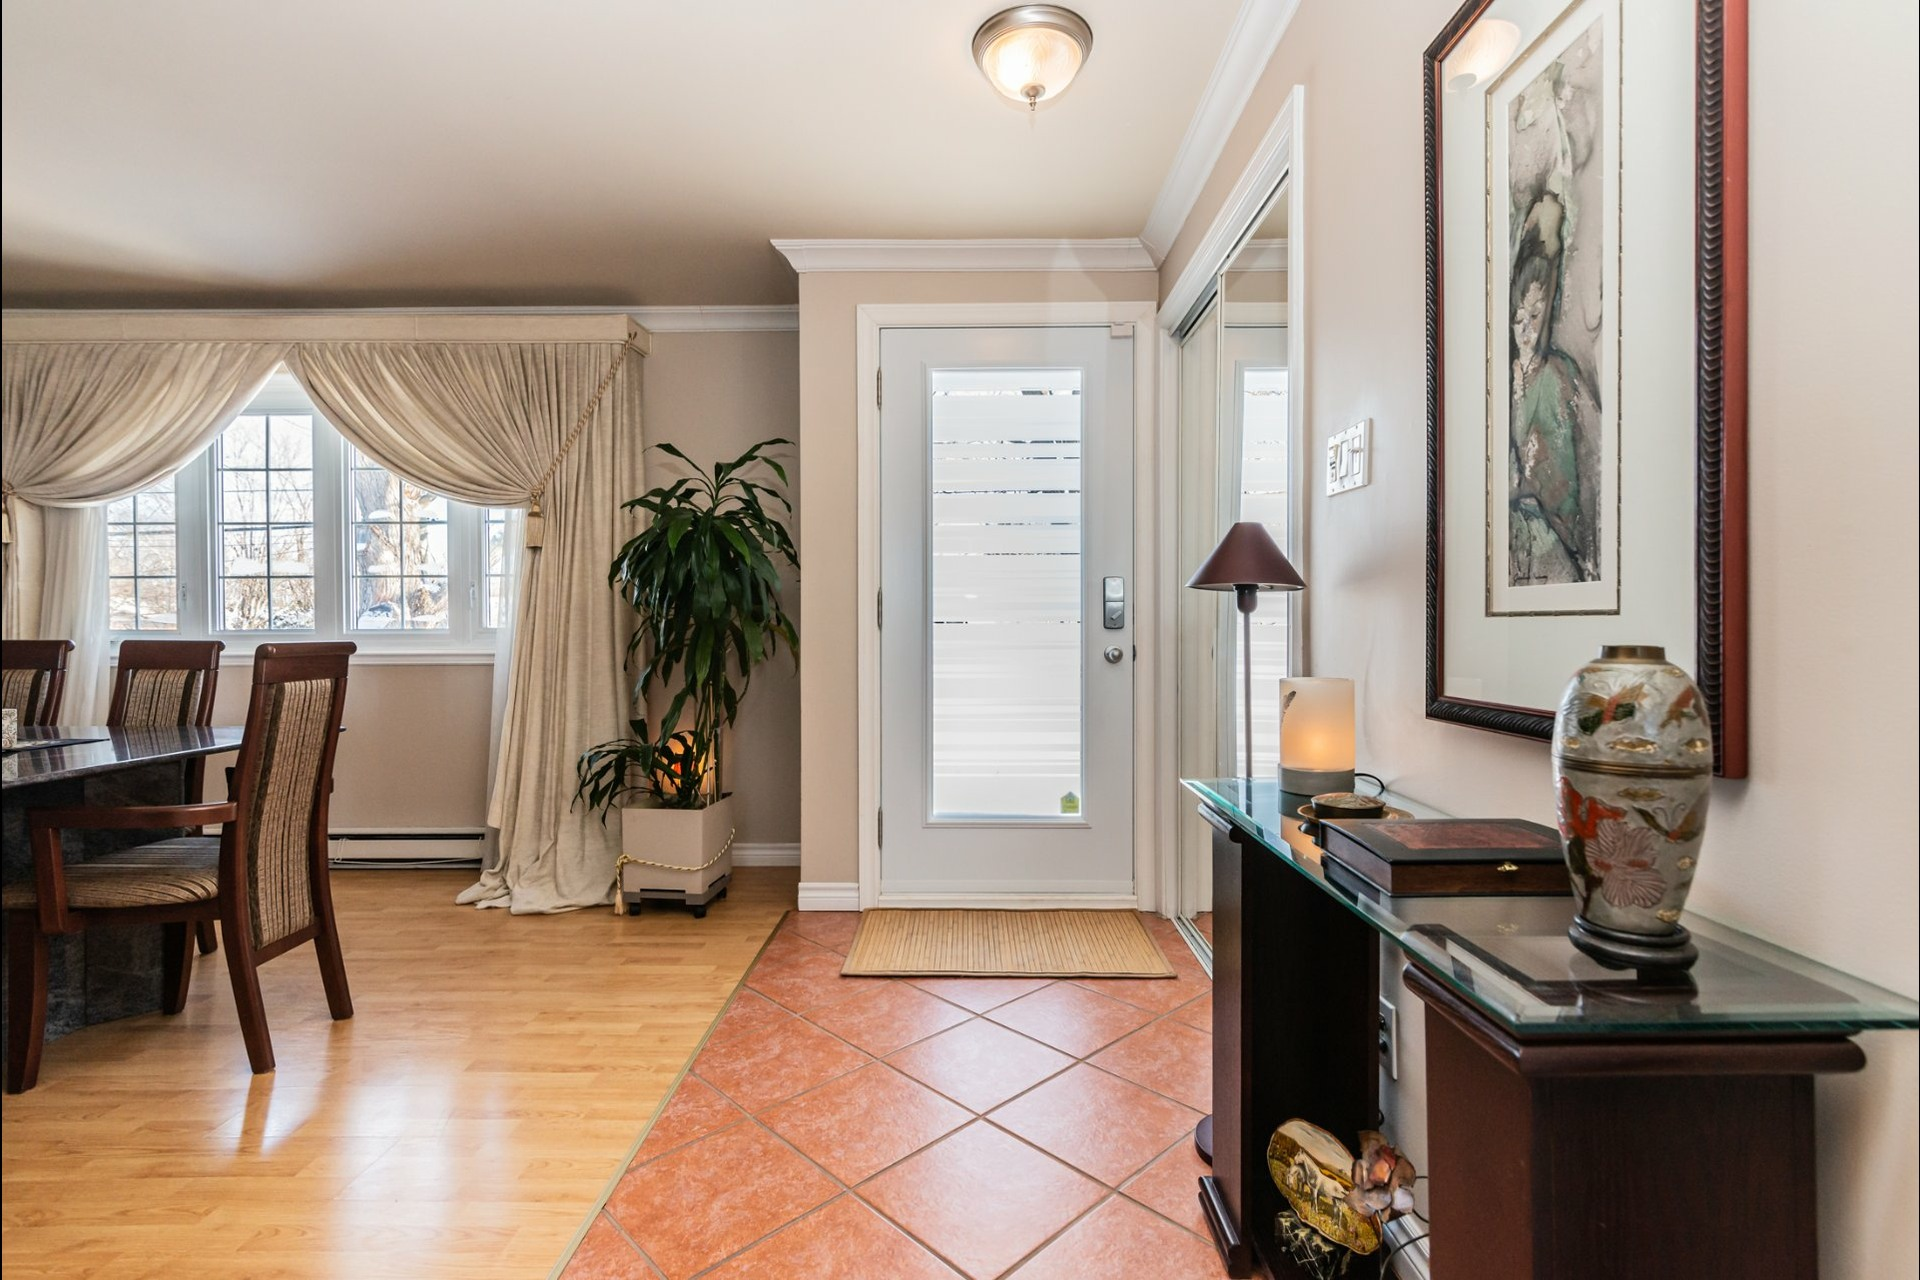 image 2 - House For sale L'Île-Bizard/Sainte-Geneviève Montréal  - 12 rooms